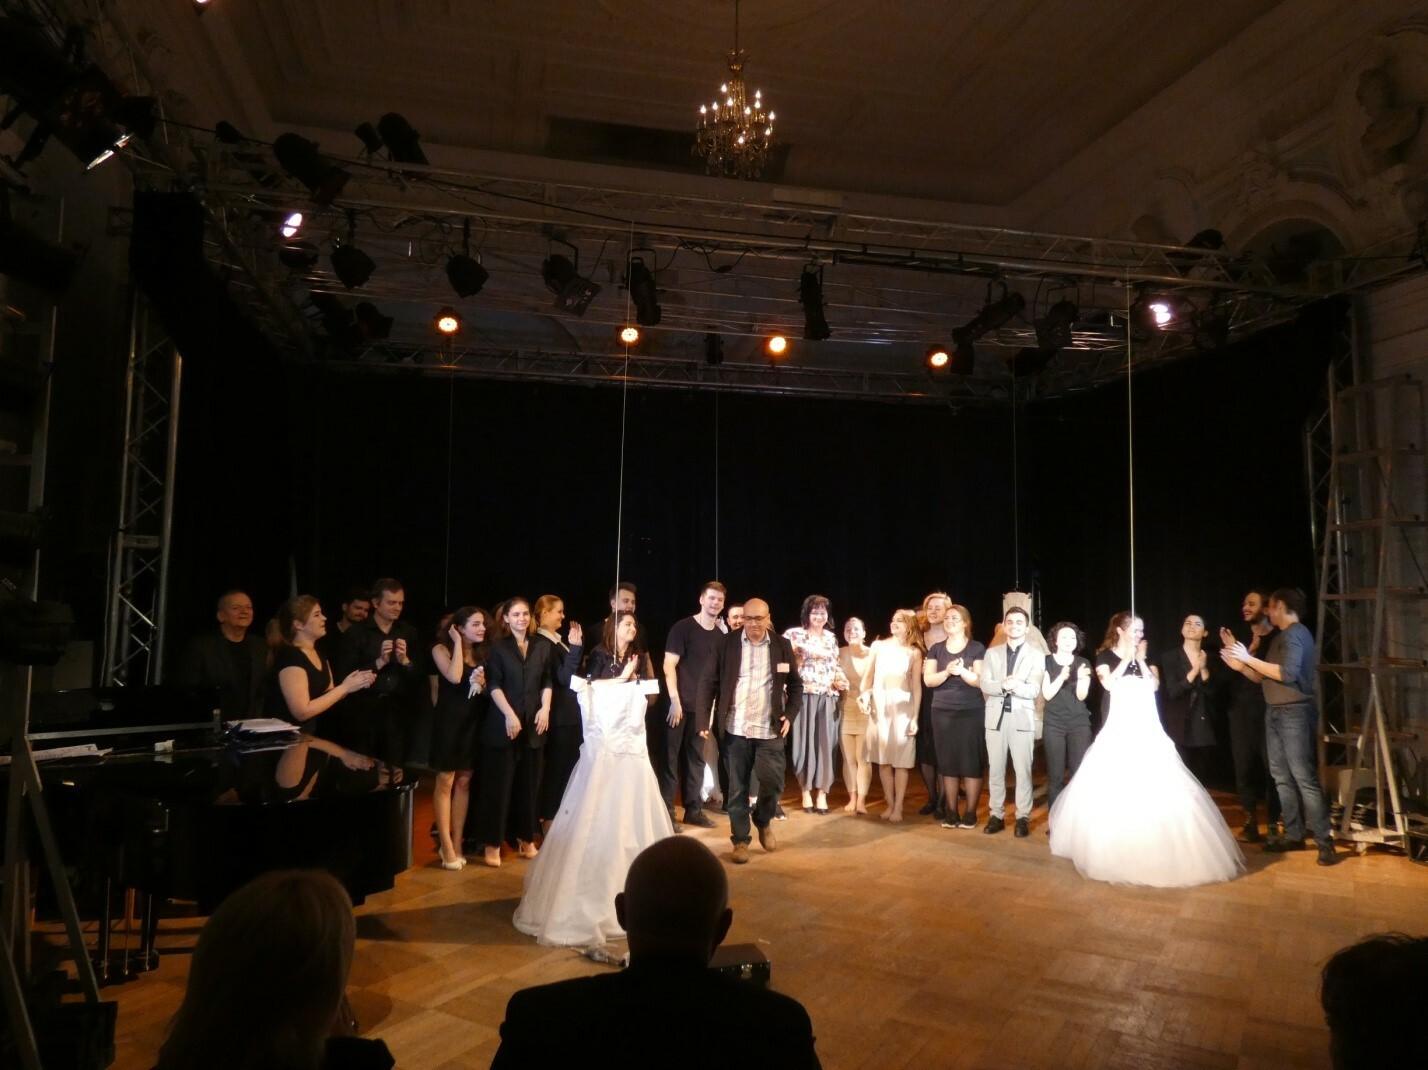 Второй курс актеров и режиссеров музыкального театра, мастерская Георгия Исаакяна (ГИТИС)